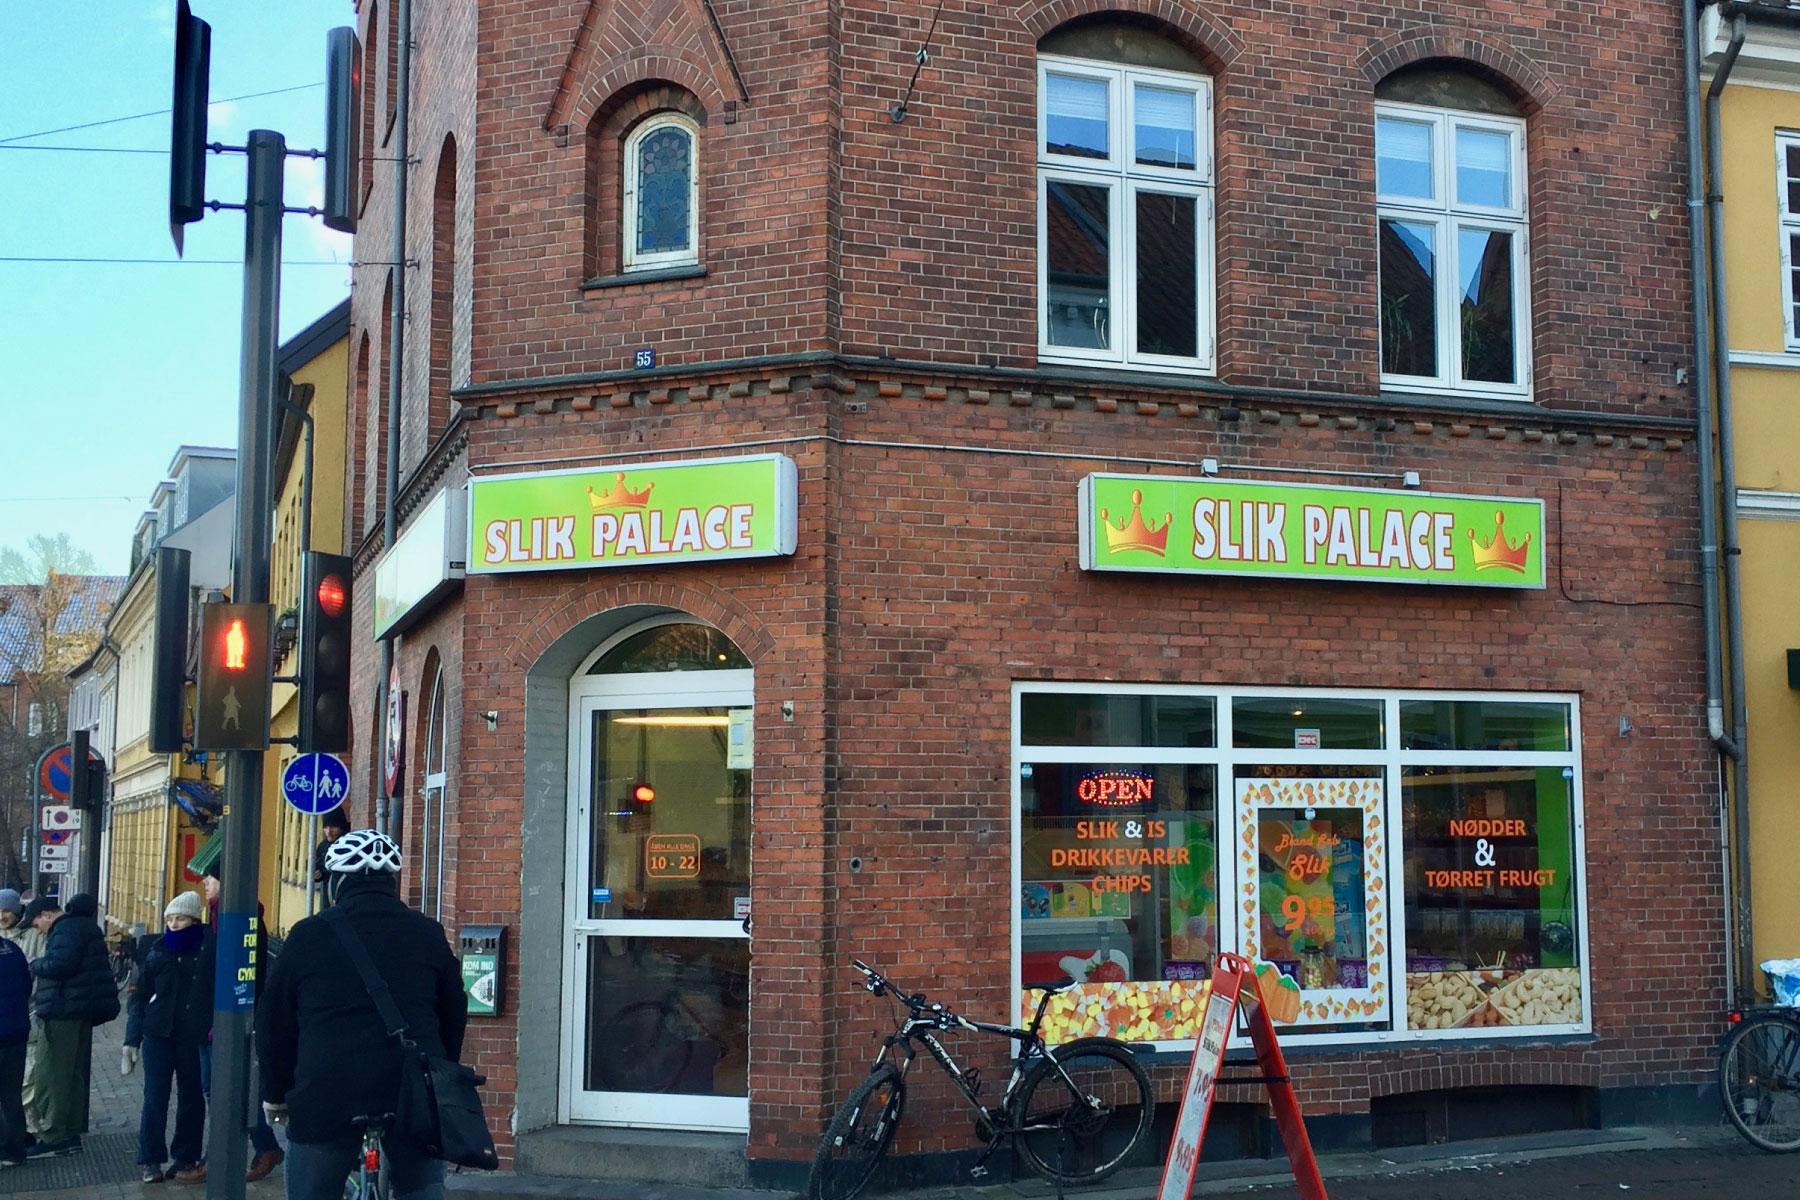 Slikmekka I Odense Her Er Byens Bedste Bland Selv Slik Butikker